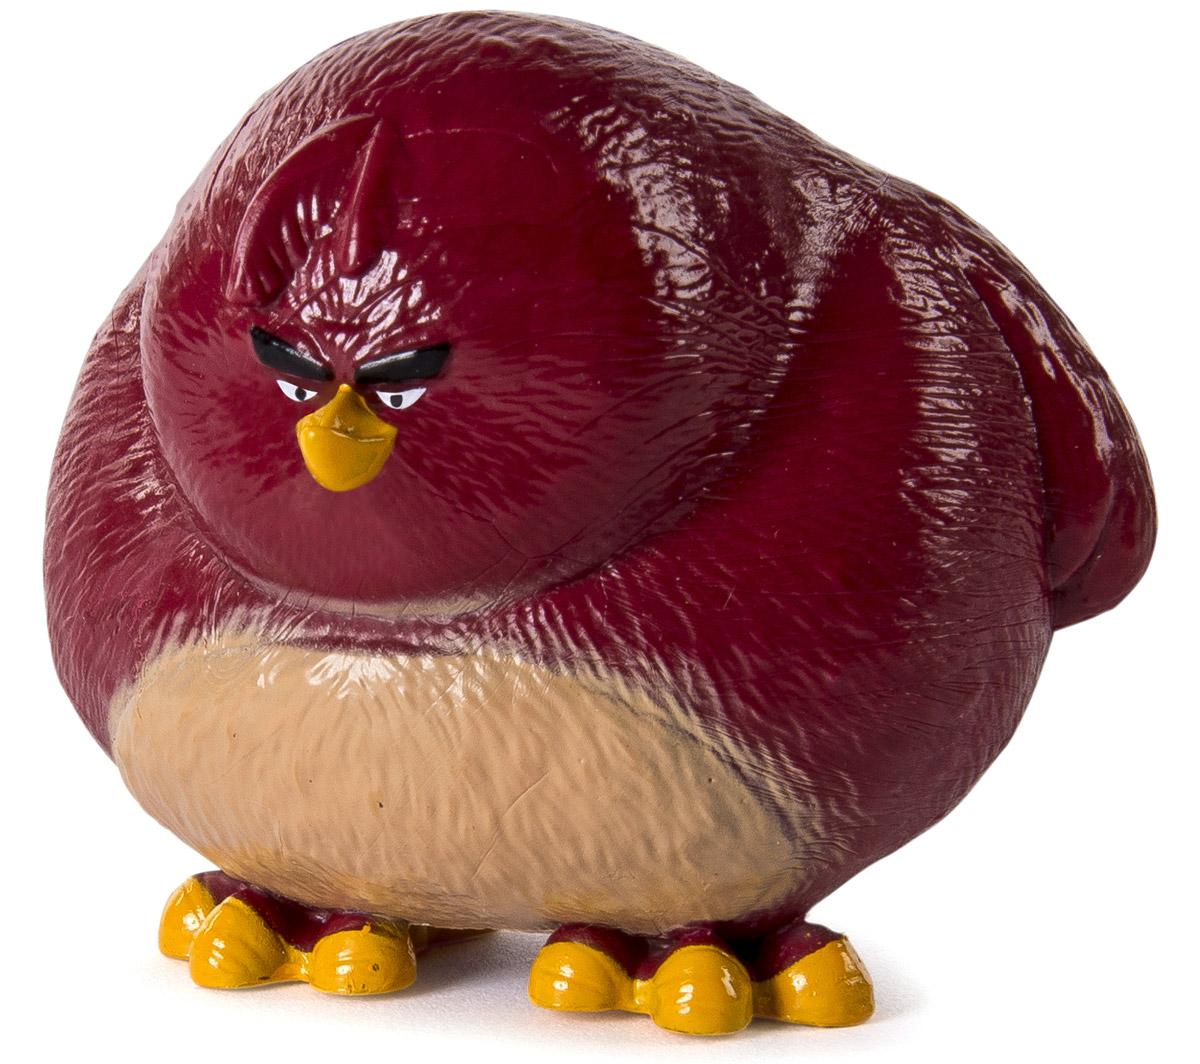 Angry Birds Мини-фигурка Terence90501_TerenceМини-фигурка Angry Birds Terence - подарок для любого поклонника сердитых птичек и зеленых поросят! Высота мини-фигурки 5 см, игрушка выполнена из пластика и очень тщательно детализирована. Фигурка очень ярко и точно отражает характер героя и его эмоции. Теренс очень сильный, из-за чего большинство свиней боится его. Большой брат сторонится других птиц, остается в стороне, но когда надо, он приходит на помощь. Теренс всегда молчит, выглядит хмуро и практически не двигается. Он любит тишину, вечерние прогулки возле озера и участвовать в спортивных соревнованиях. Соберите всю коллекцию смешных персонажей Angry Birds!